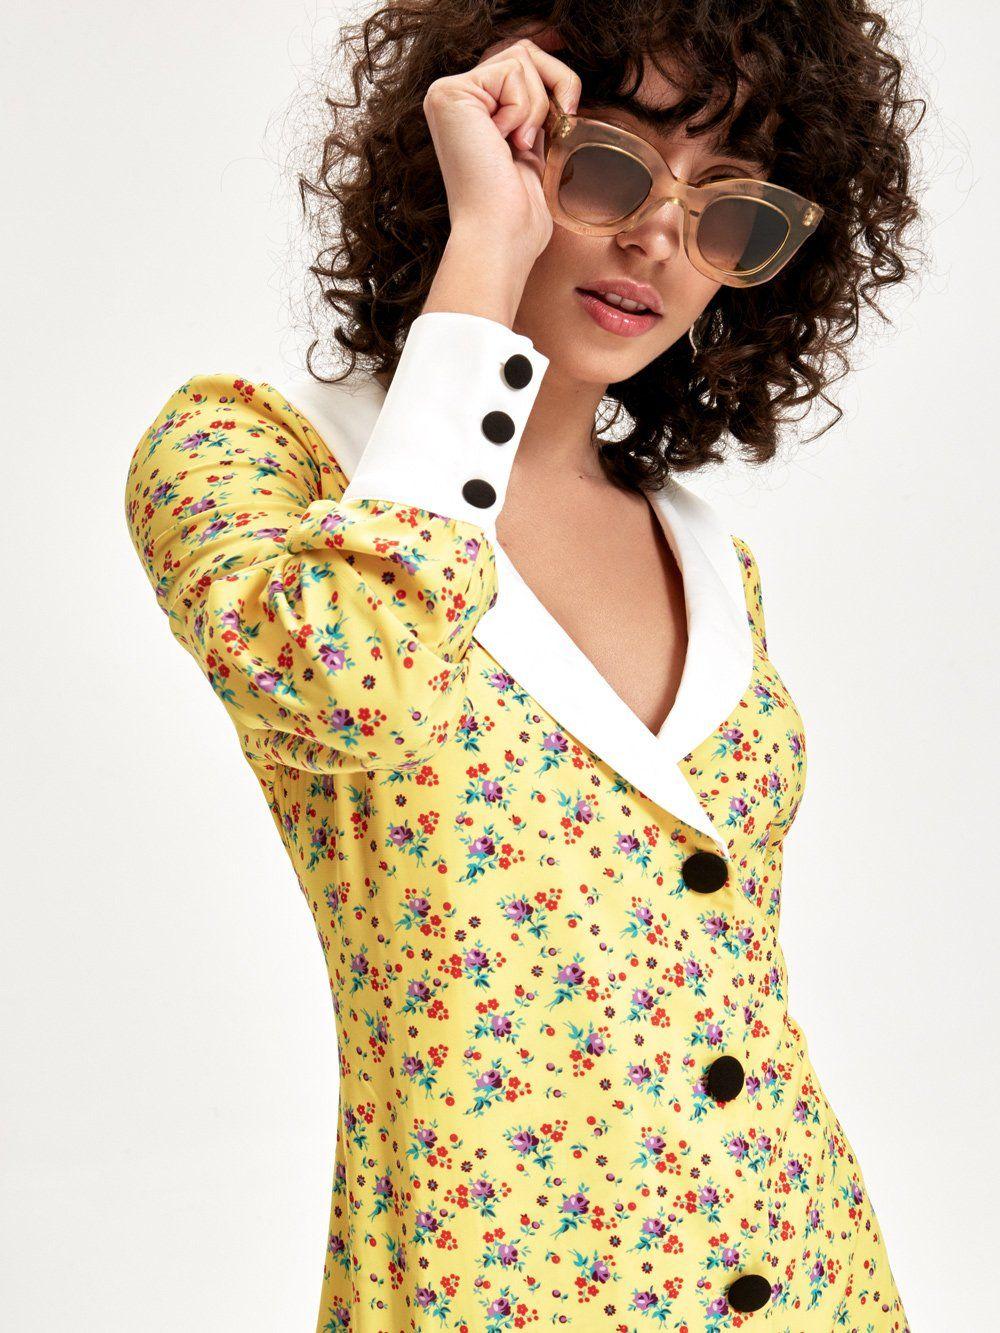 CITRINO - Vestido Midi Estampado Floral - MIOH Vestidos Invitada Boda y  Eventos Especiales  vestidos ff1bf4e6d1ee